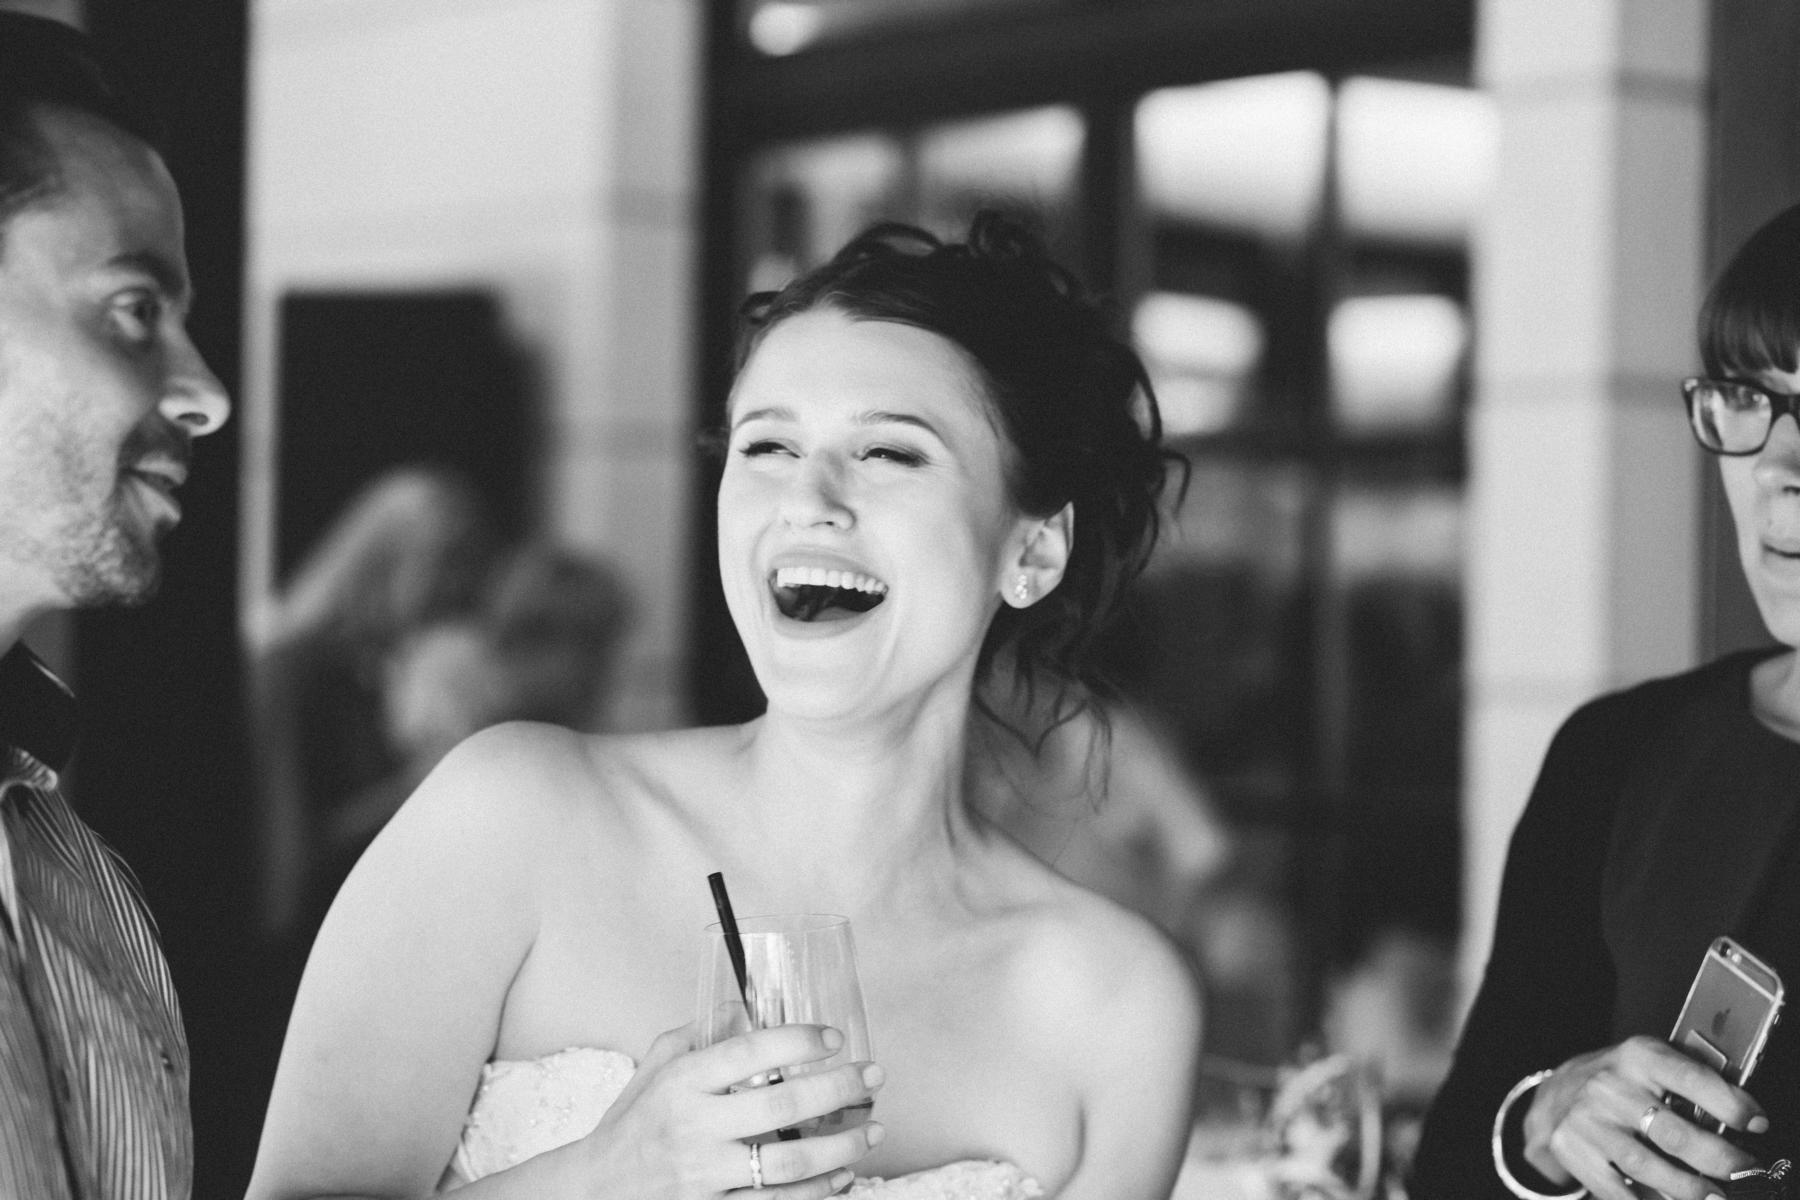 Braut lacht bei Hochzeitsfeier in Berlin